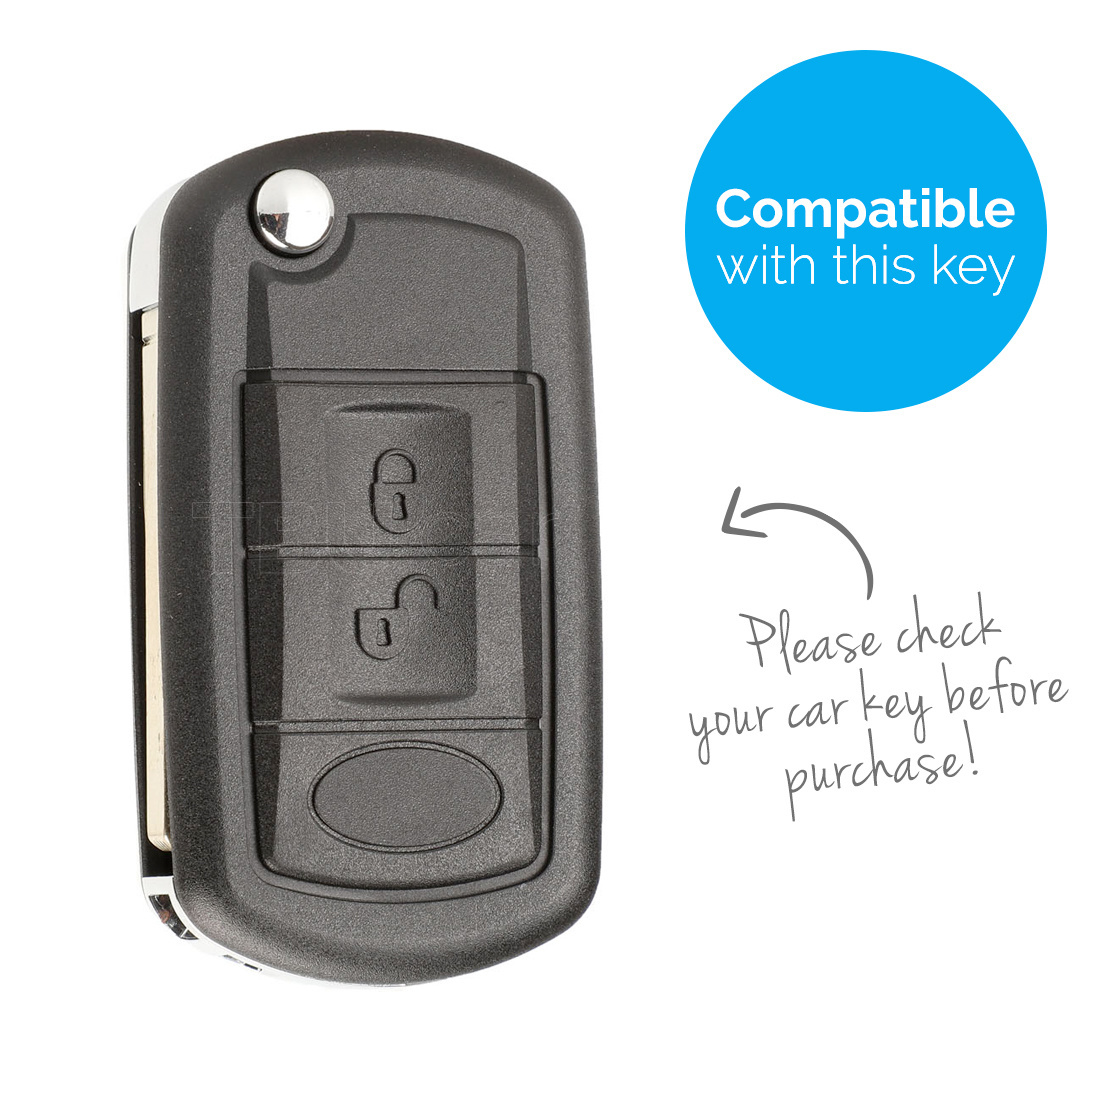 TBU car Autoschlüssel Hülle für Land Rover 2 Tasten - Schutzhülle aus Silikon - Auto Schlüsselhülle Cover in Weiß